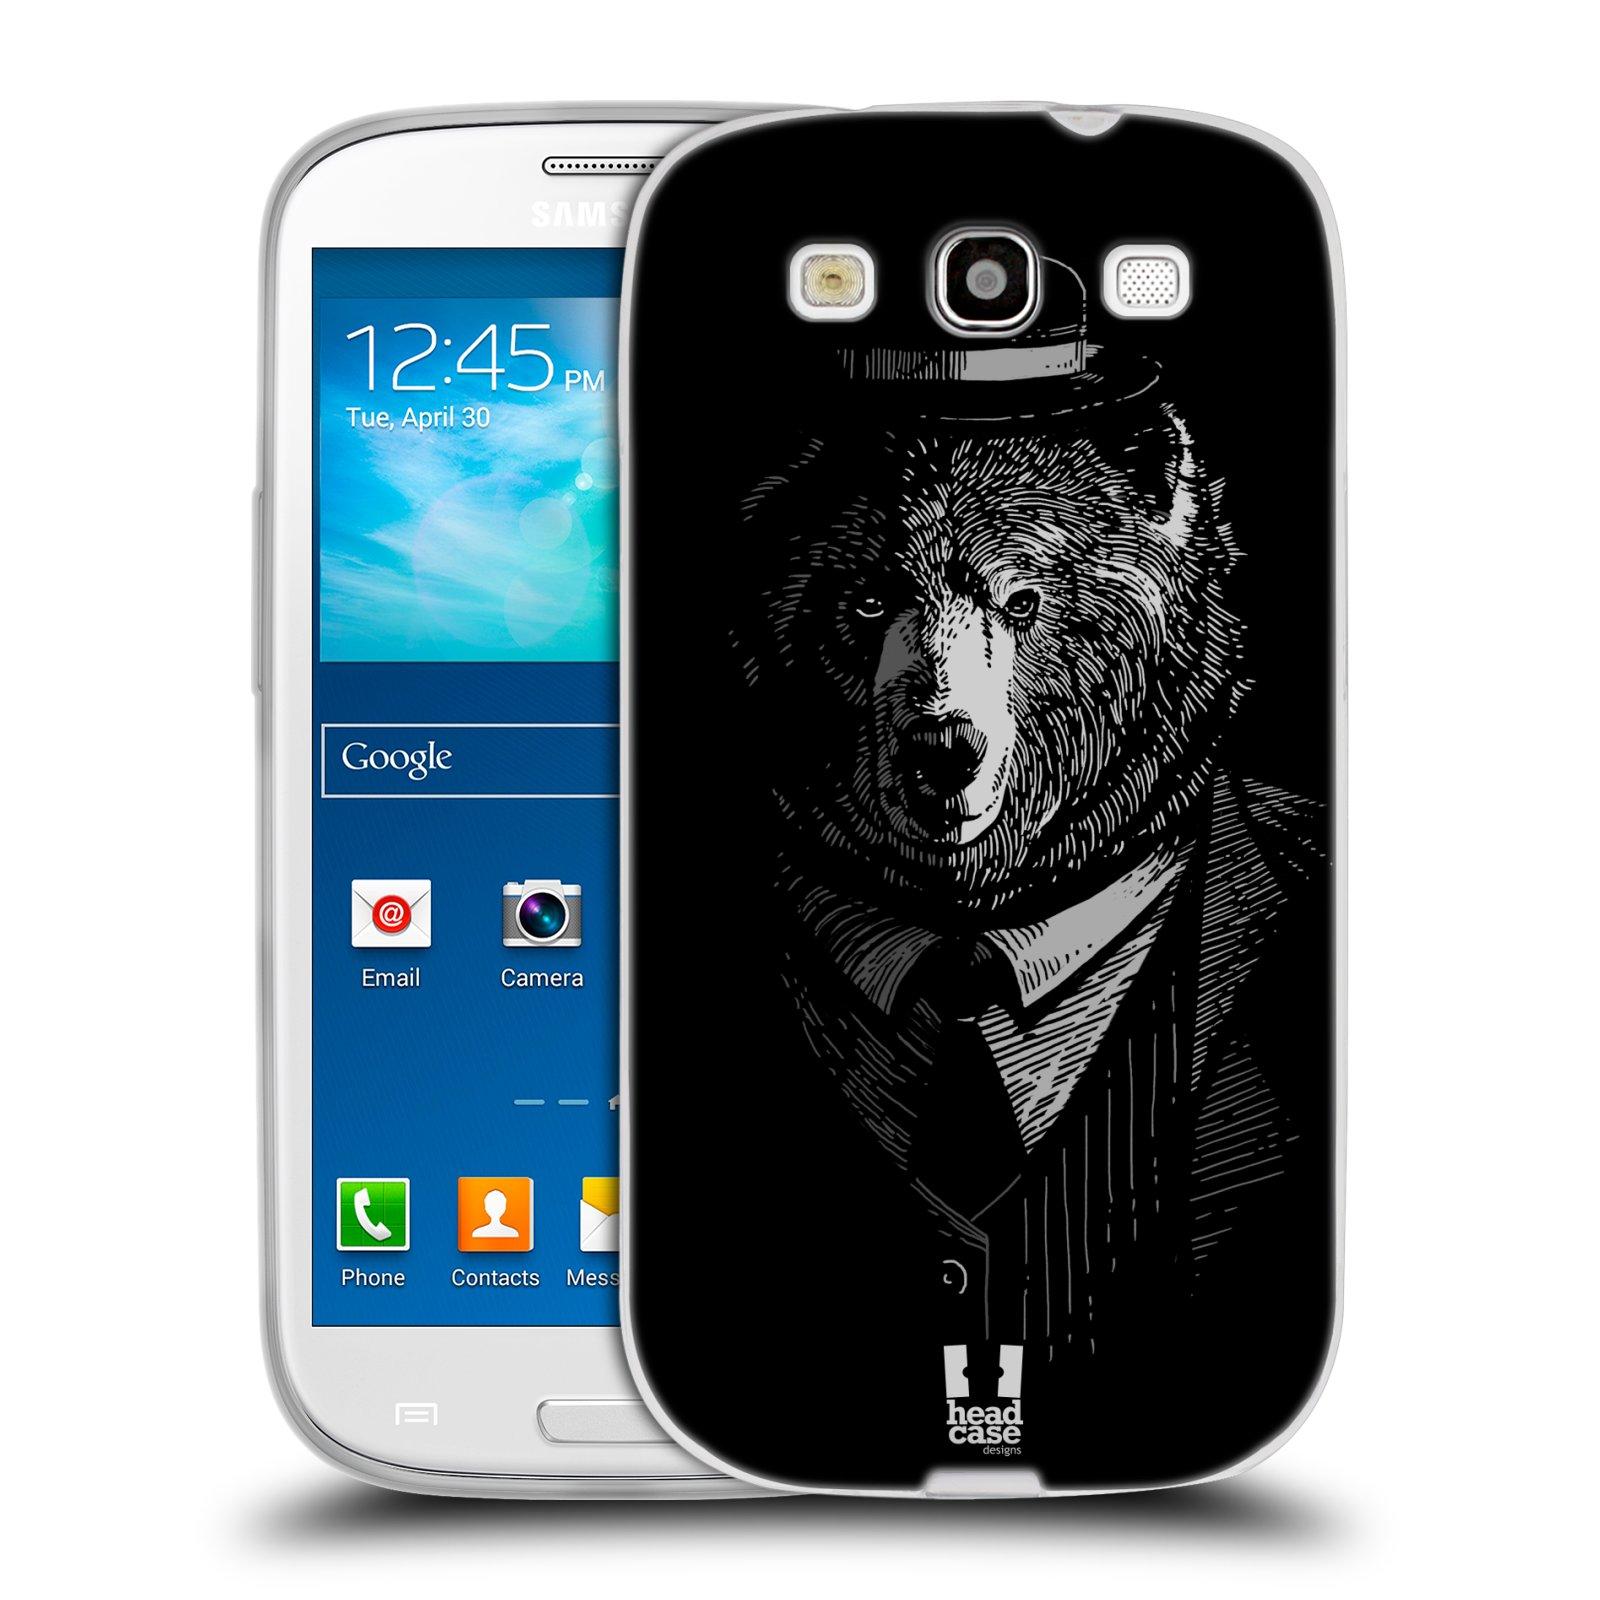 HEAD CASE silikonový obal na mobil Samsung Galaxy S3 i9300 vzor Zvíře v obleku medvěd